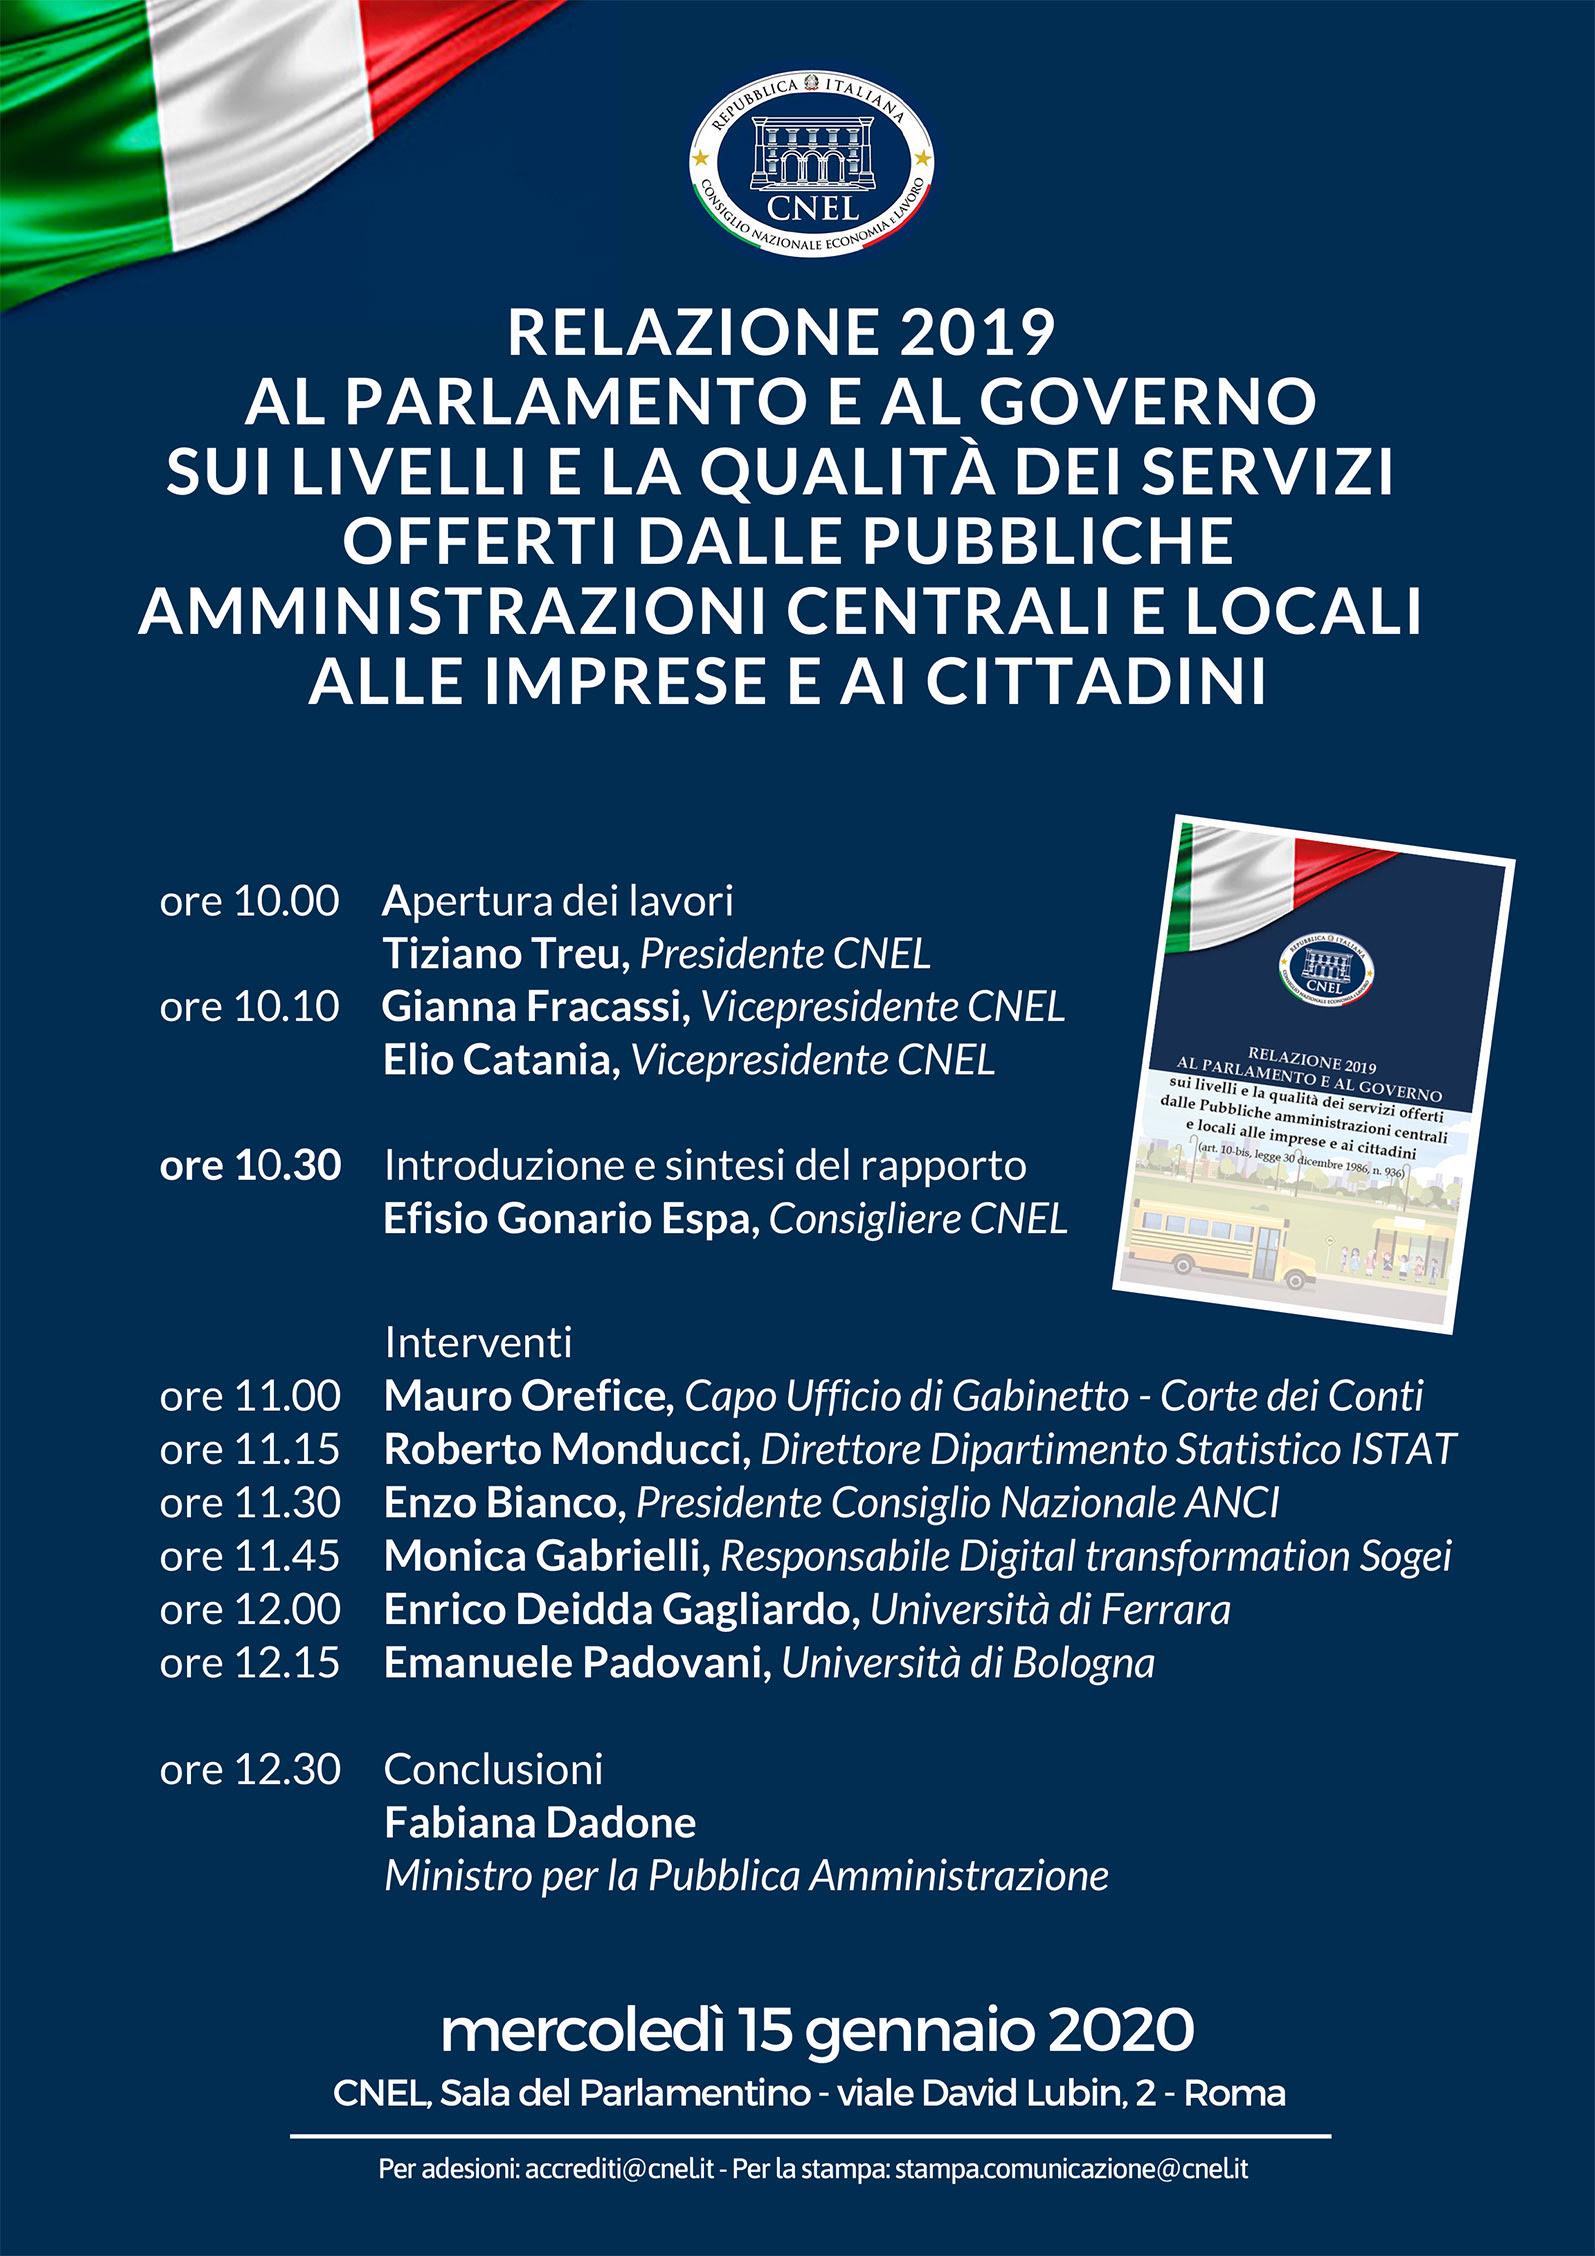 Il Prof. Enrico DEIDDA GAGLIARDO illustra il modello del Valore Pubblico contenuto nella relazione annuale del CNEL